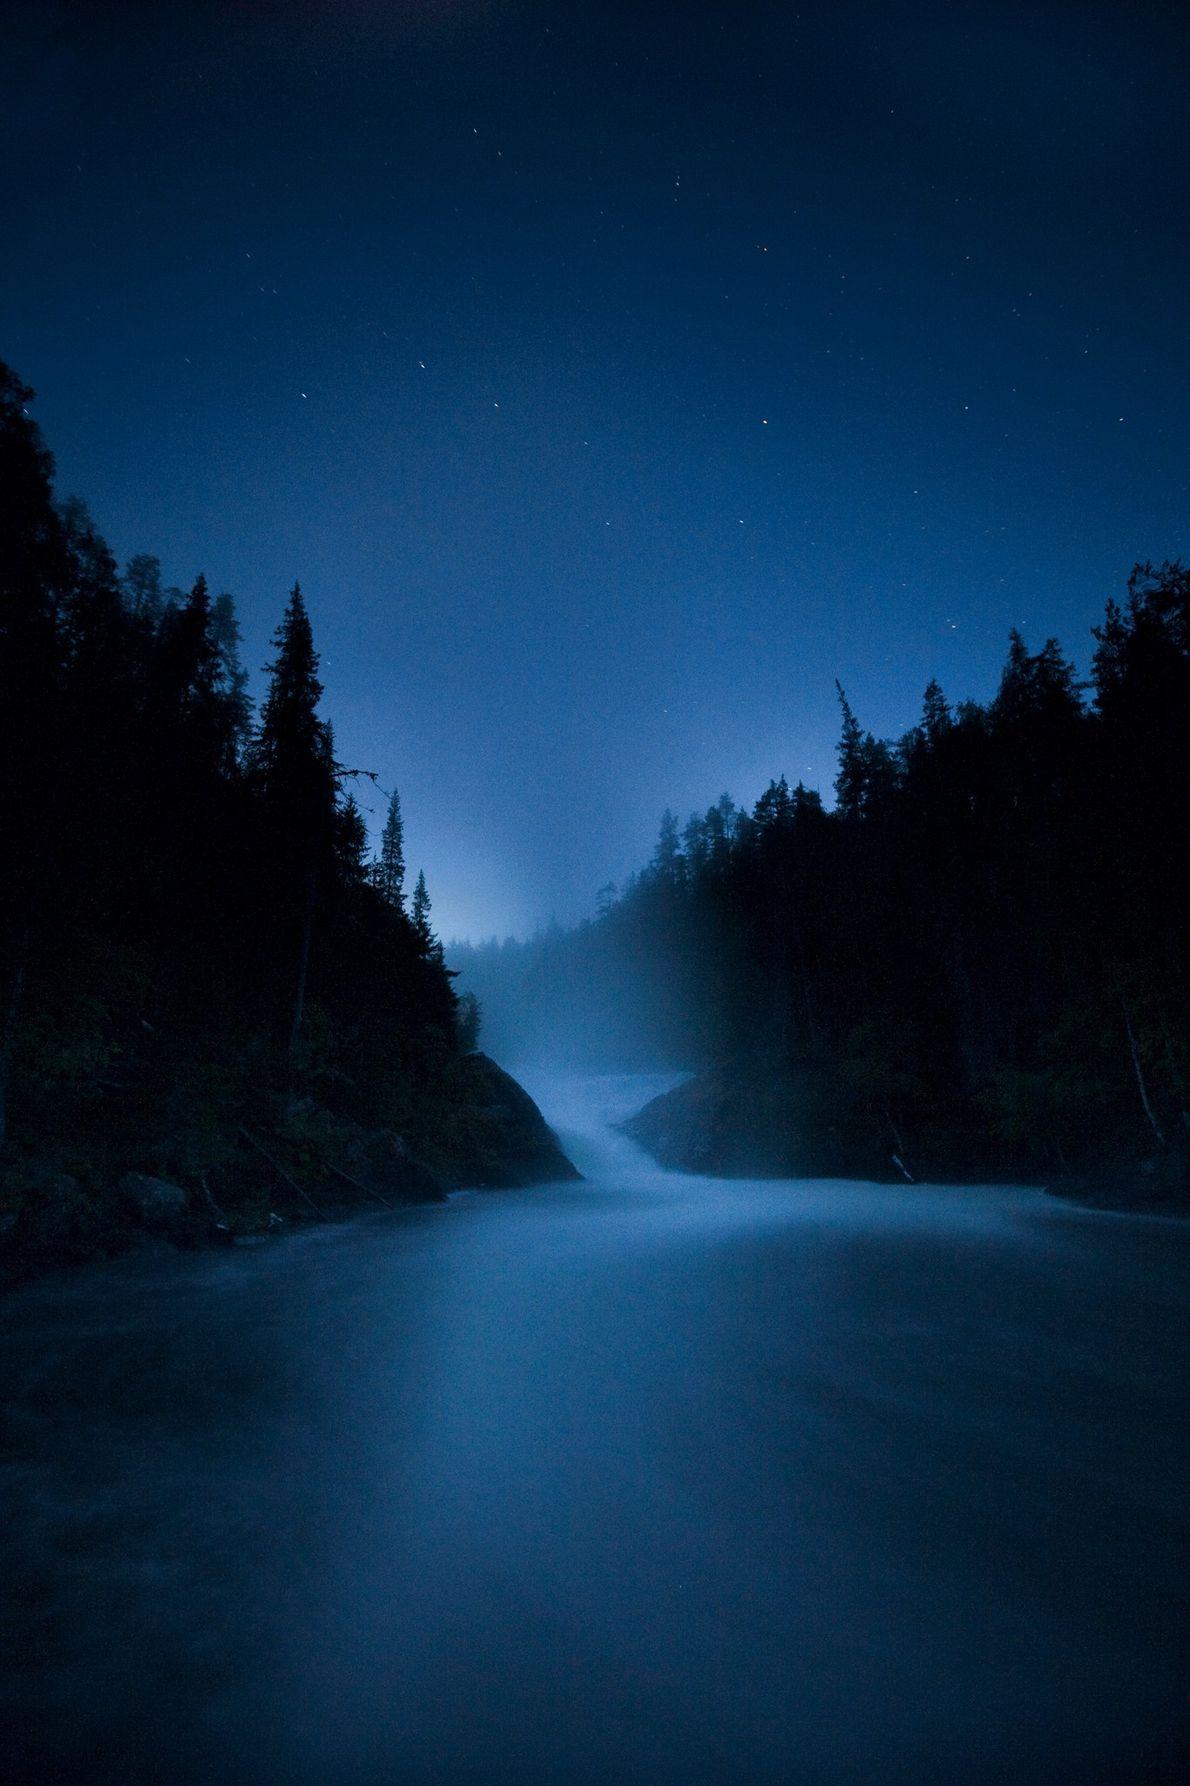 Sur les rapides de Jyrävä, à l'endroit où le fleuve Oulanka se jette dans une gorge, ...